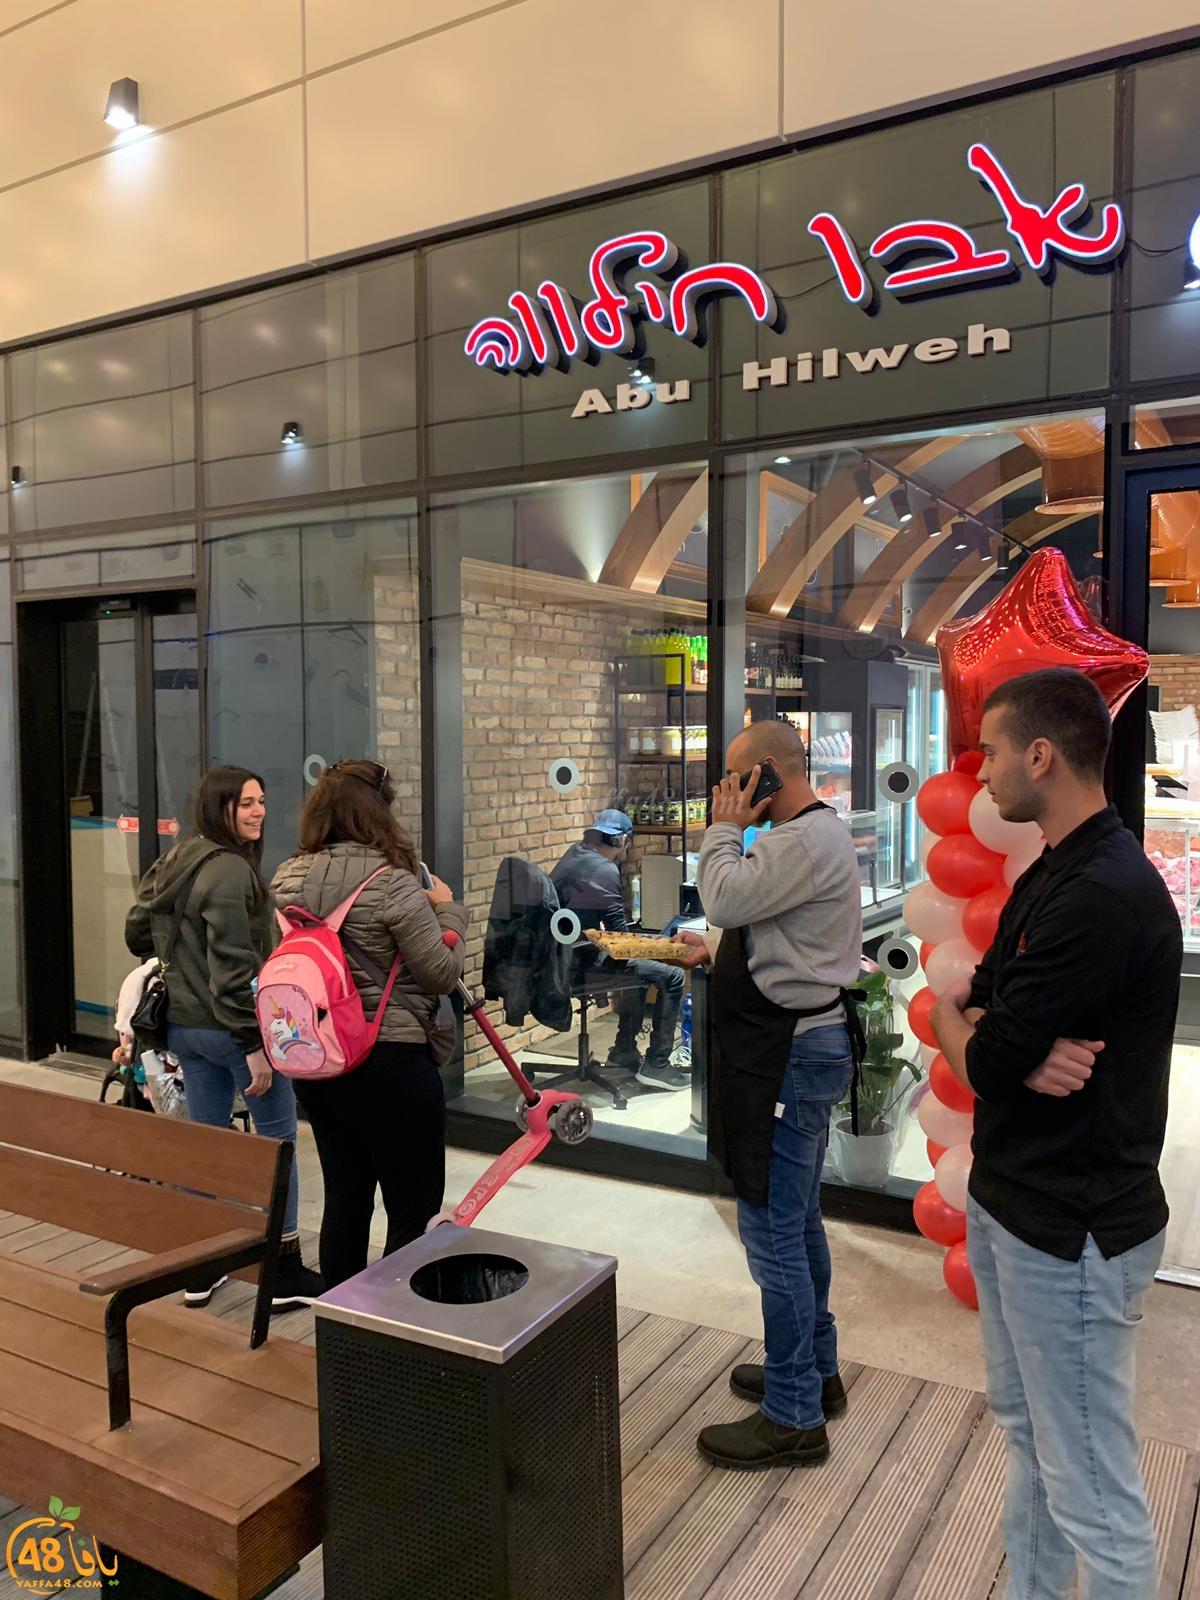 ملحمة أبو حلوة من يافا تتوسّع وتفتح فرعها الجديد شمال تل أبيب